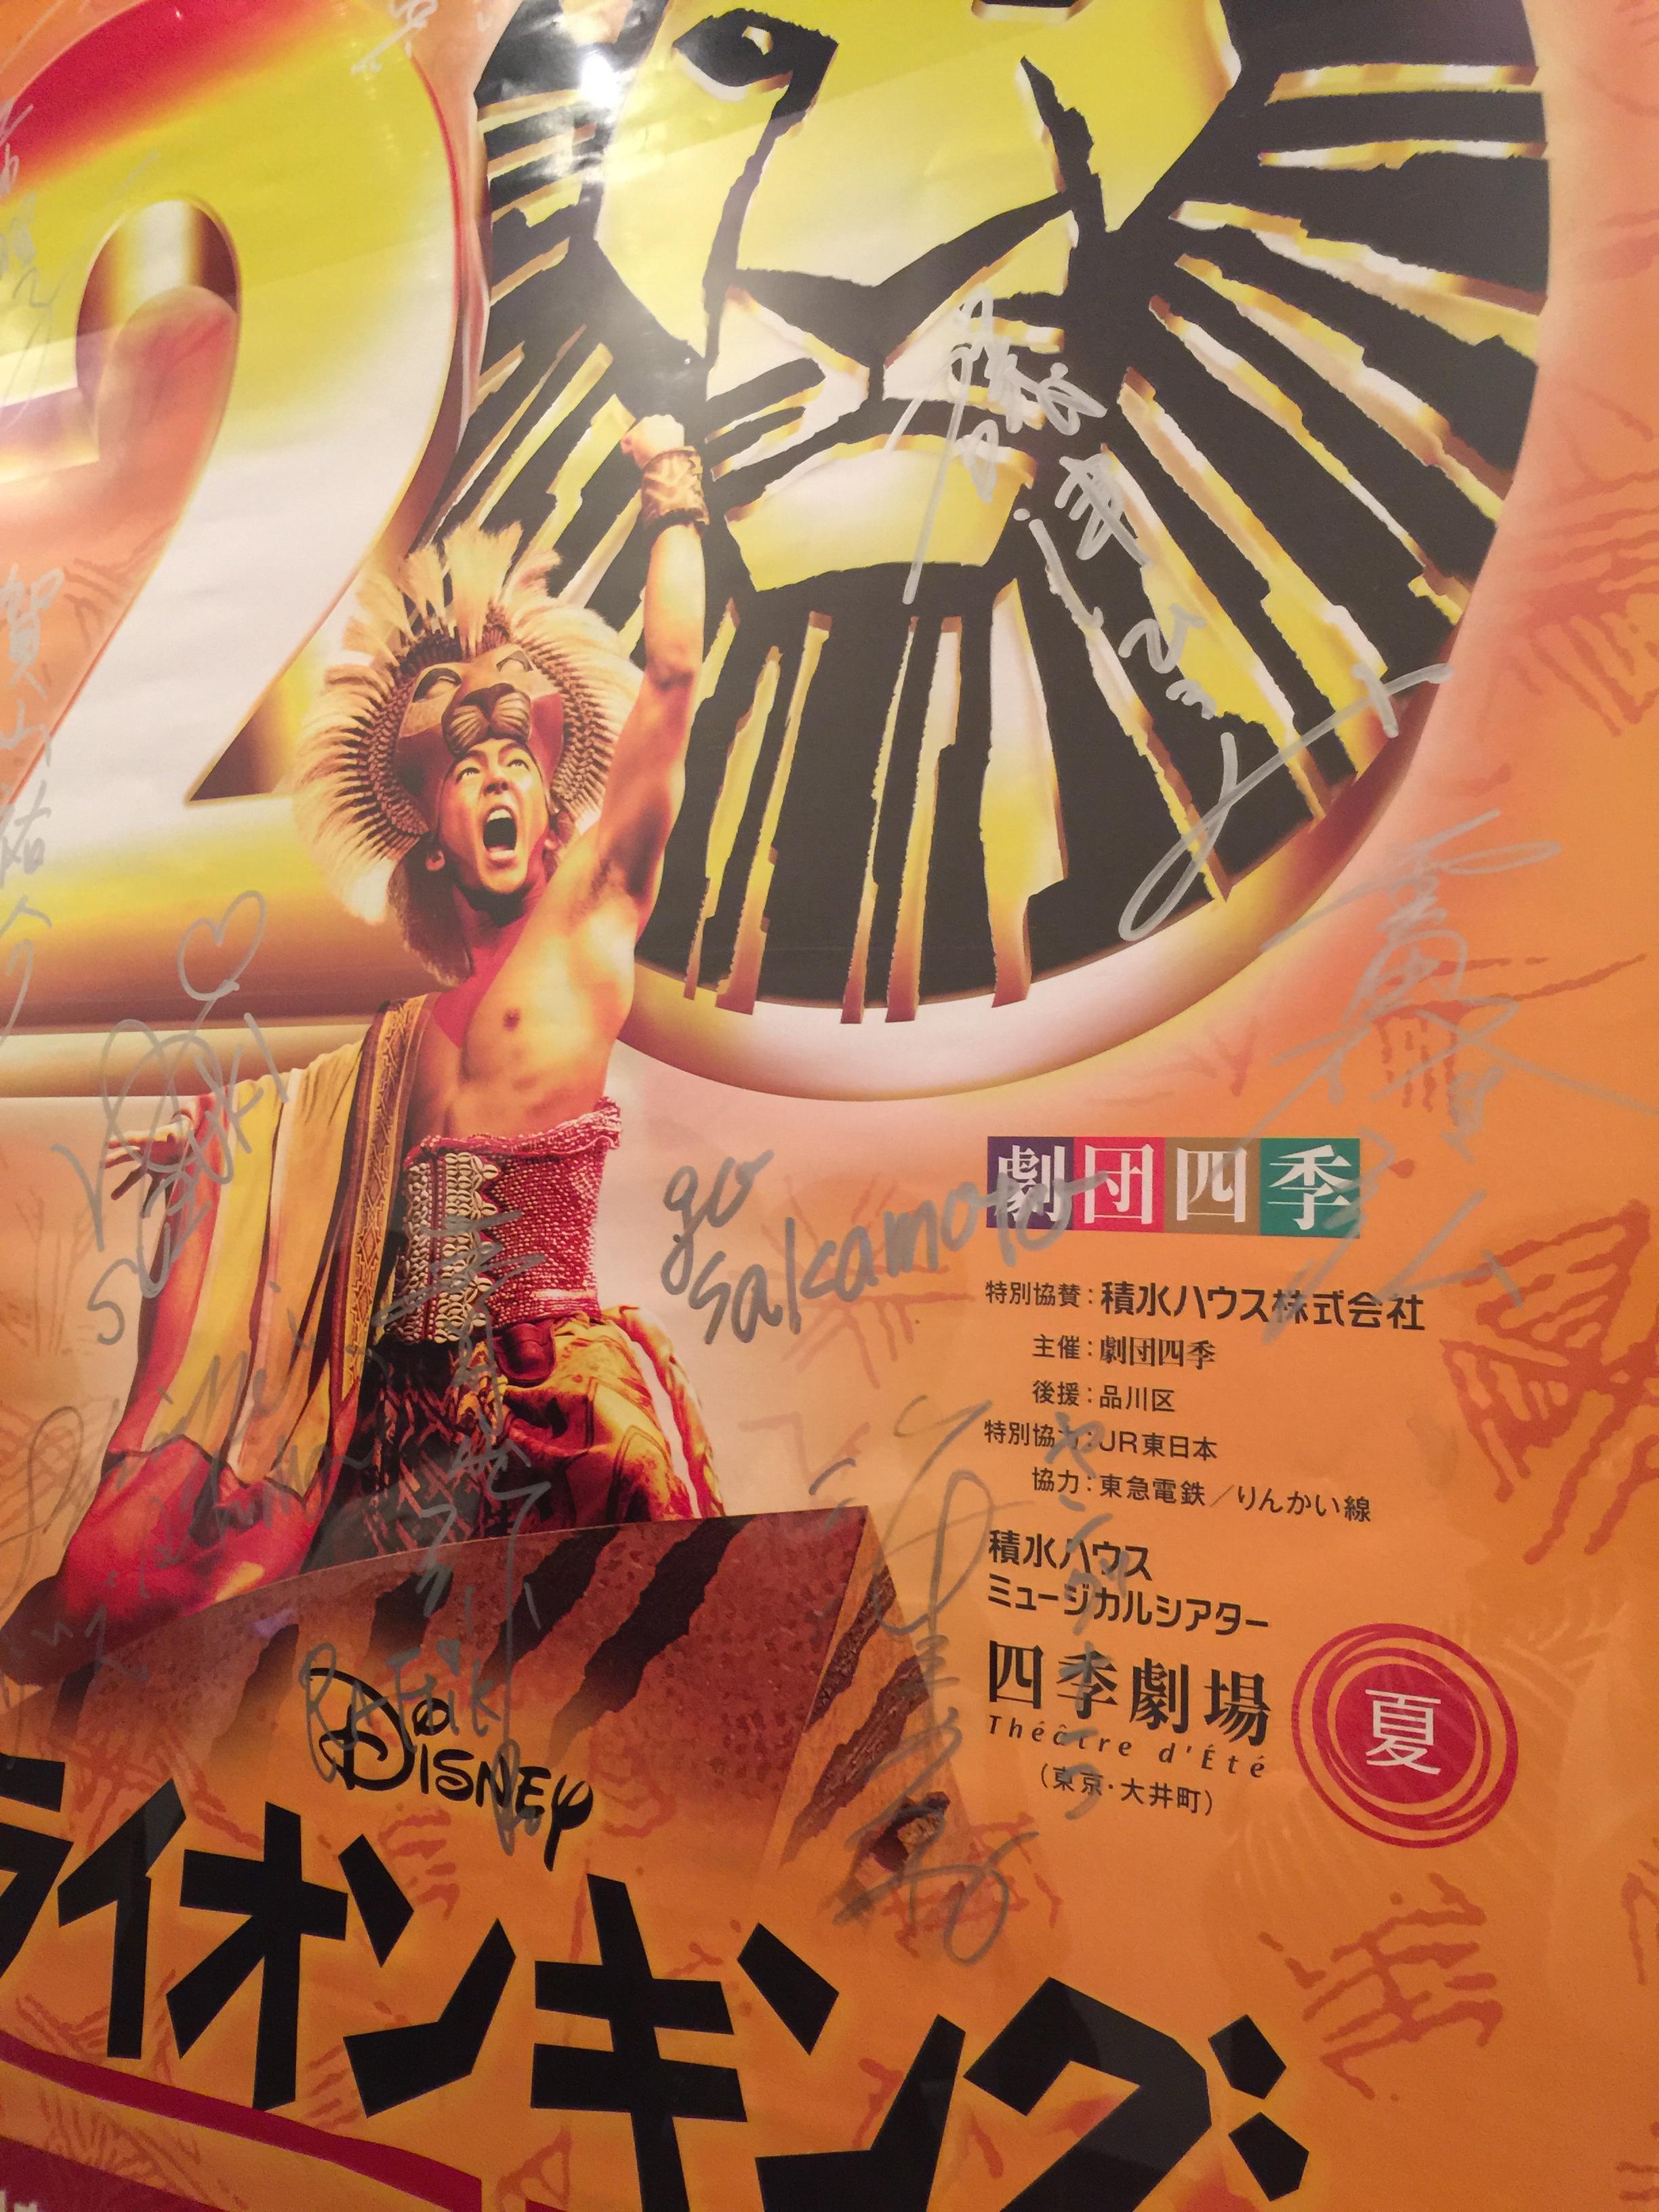 【劇団四季】四季劇場夏でライオンキングを子連れデビューするときに知っておきたいこと